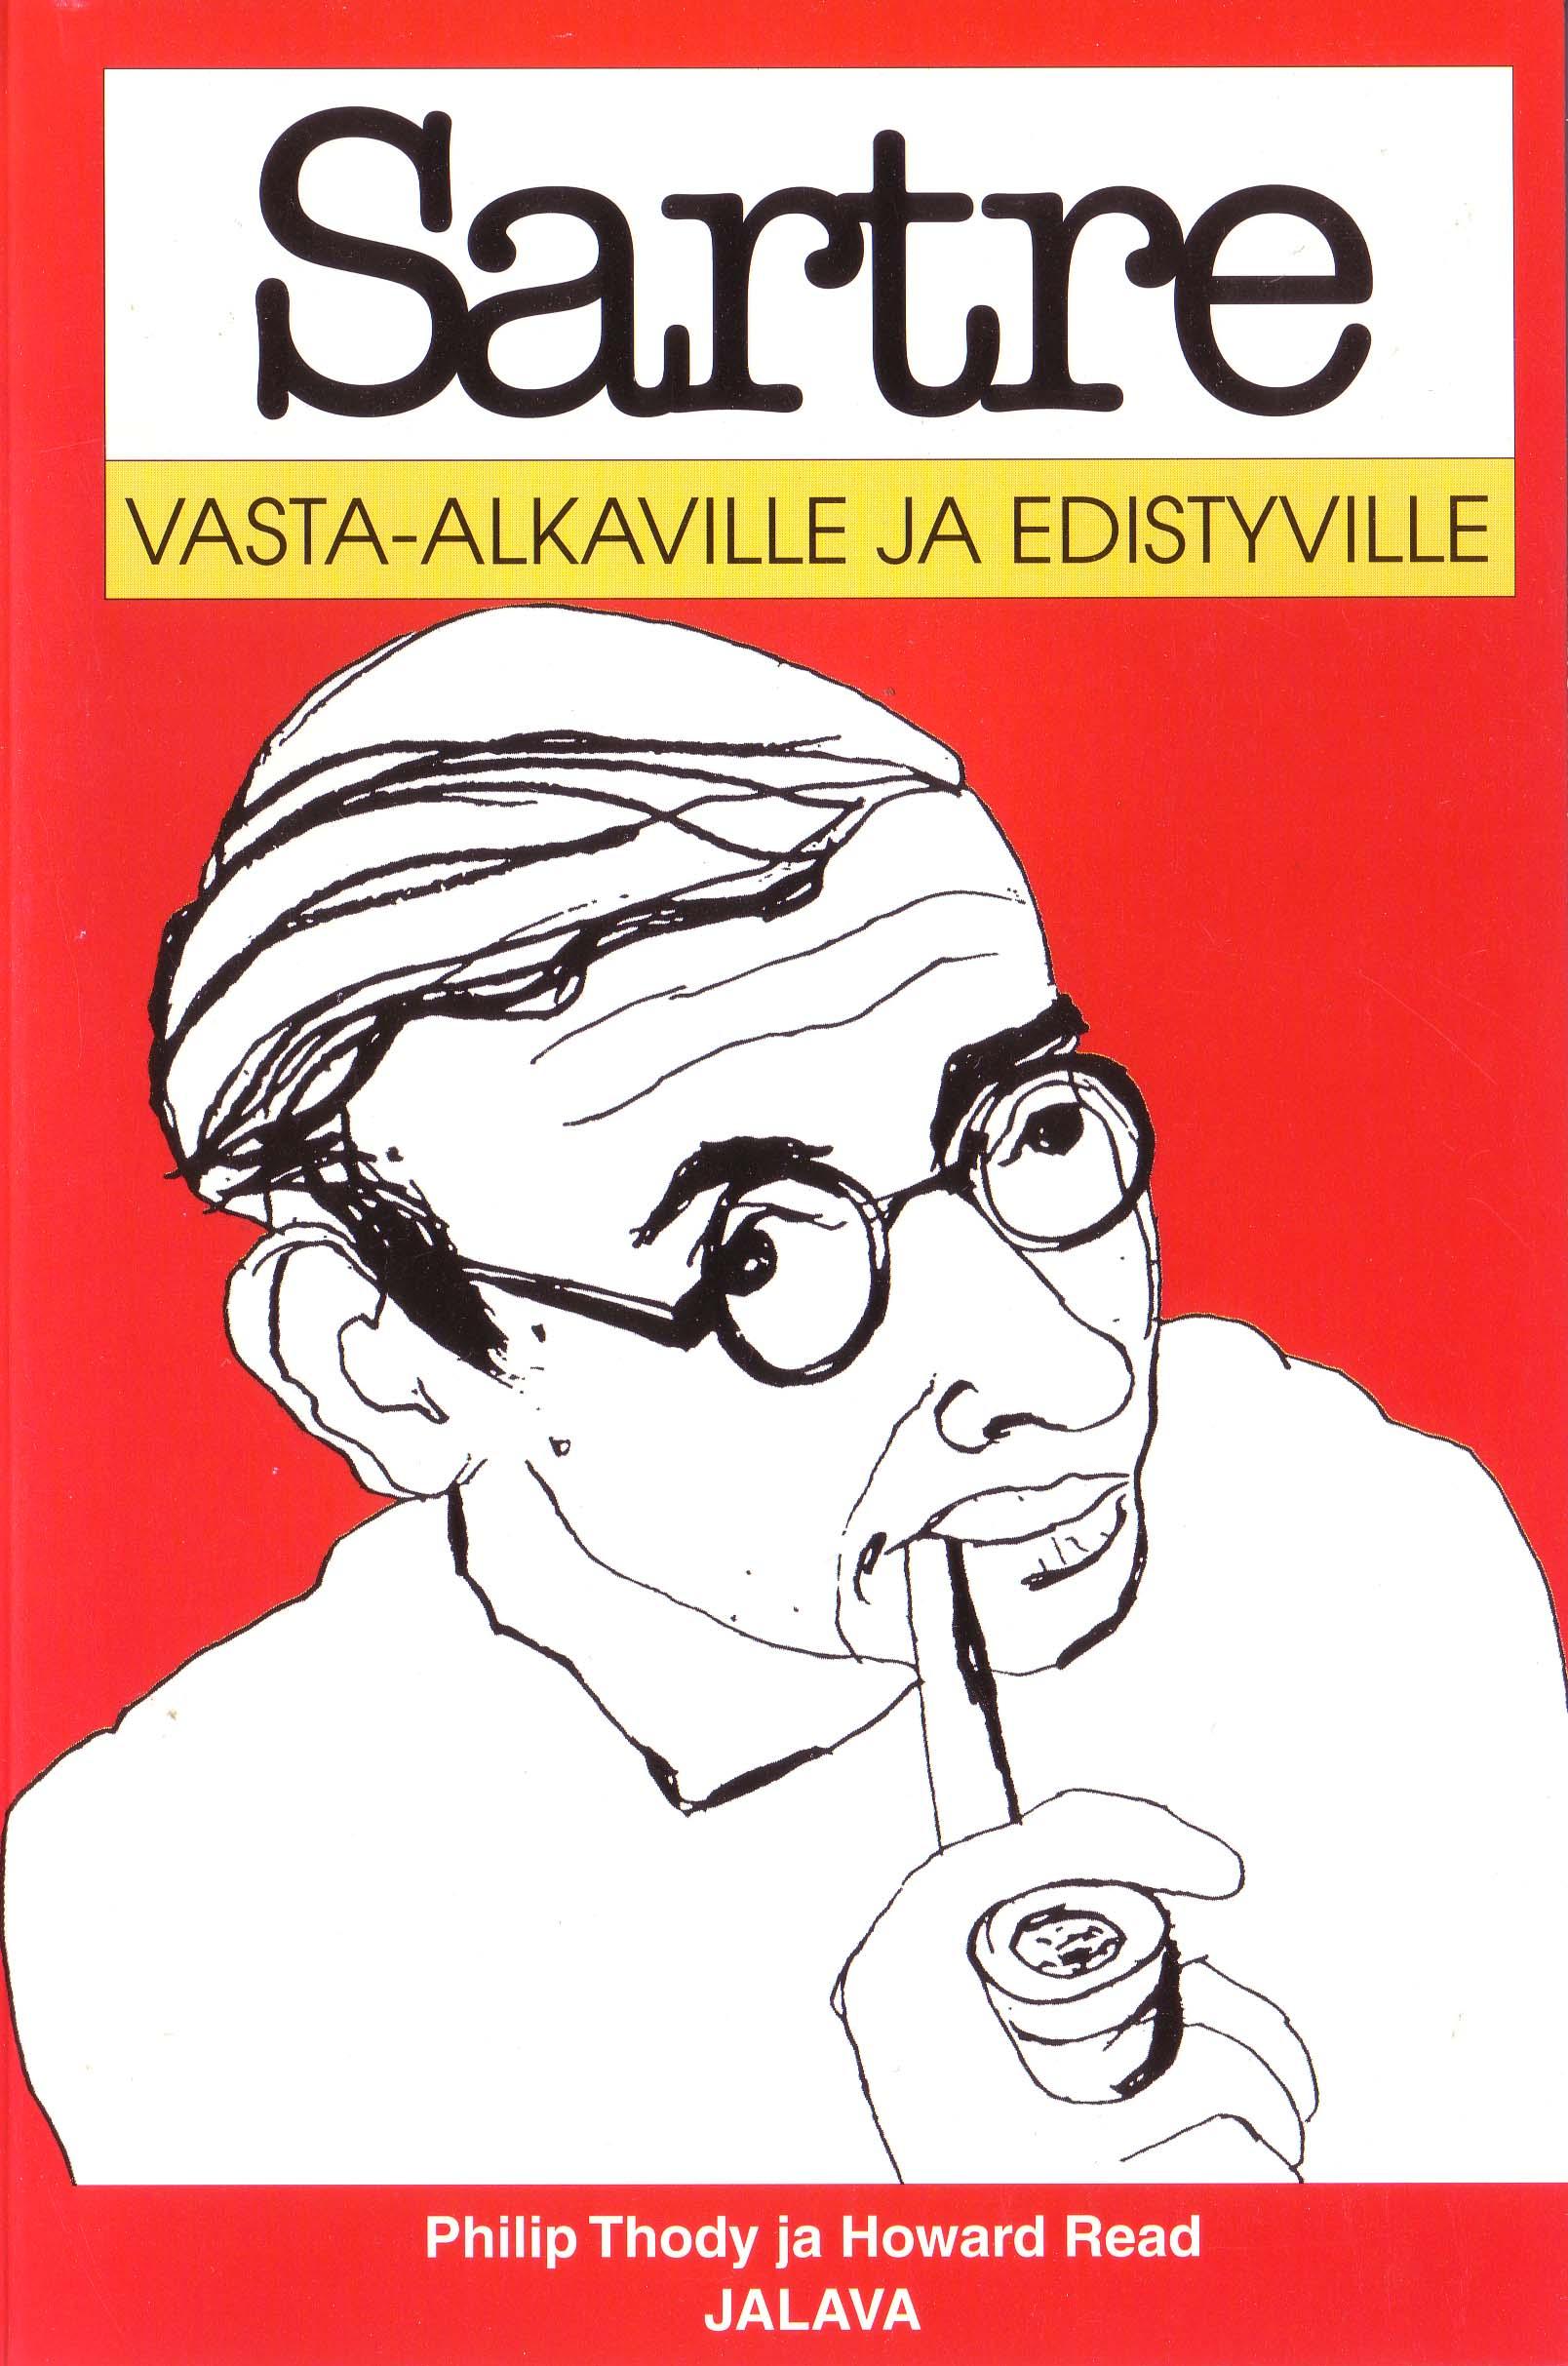 Sartre vasta-alkavil...